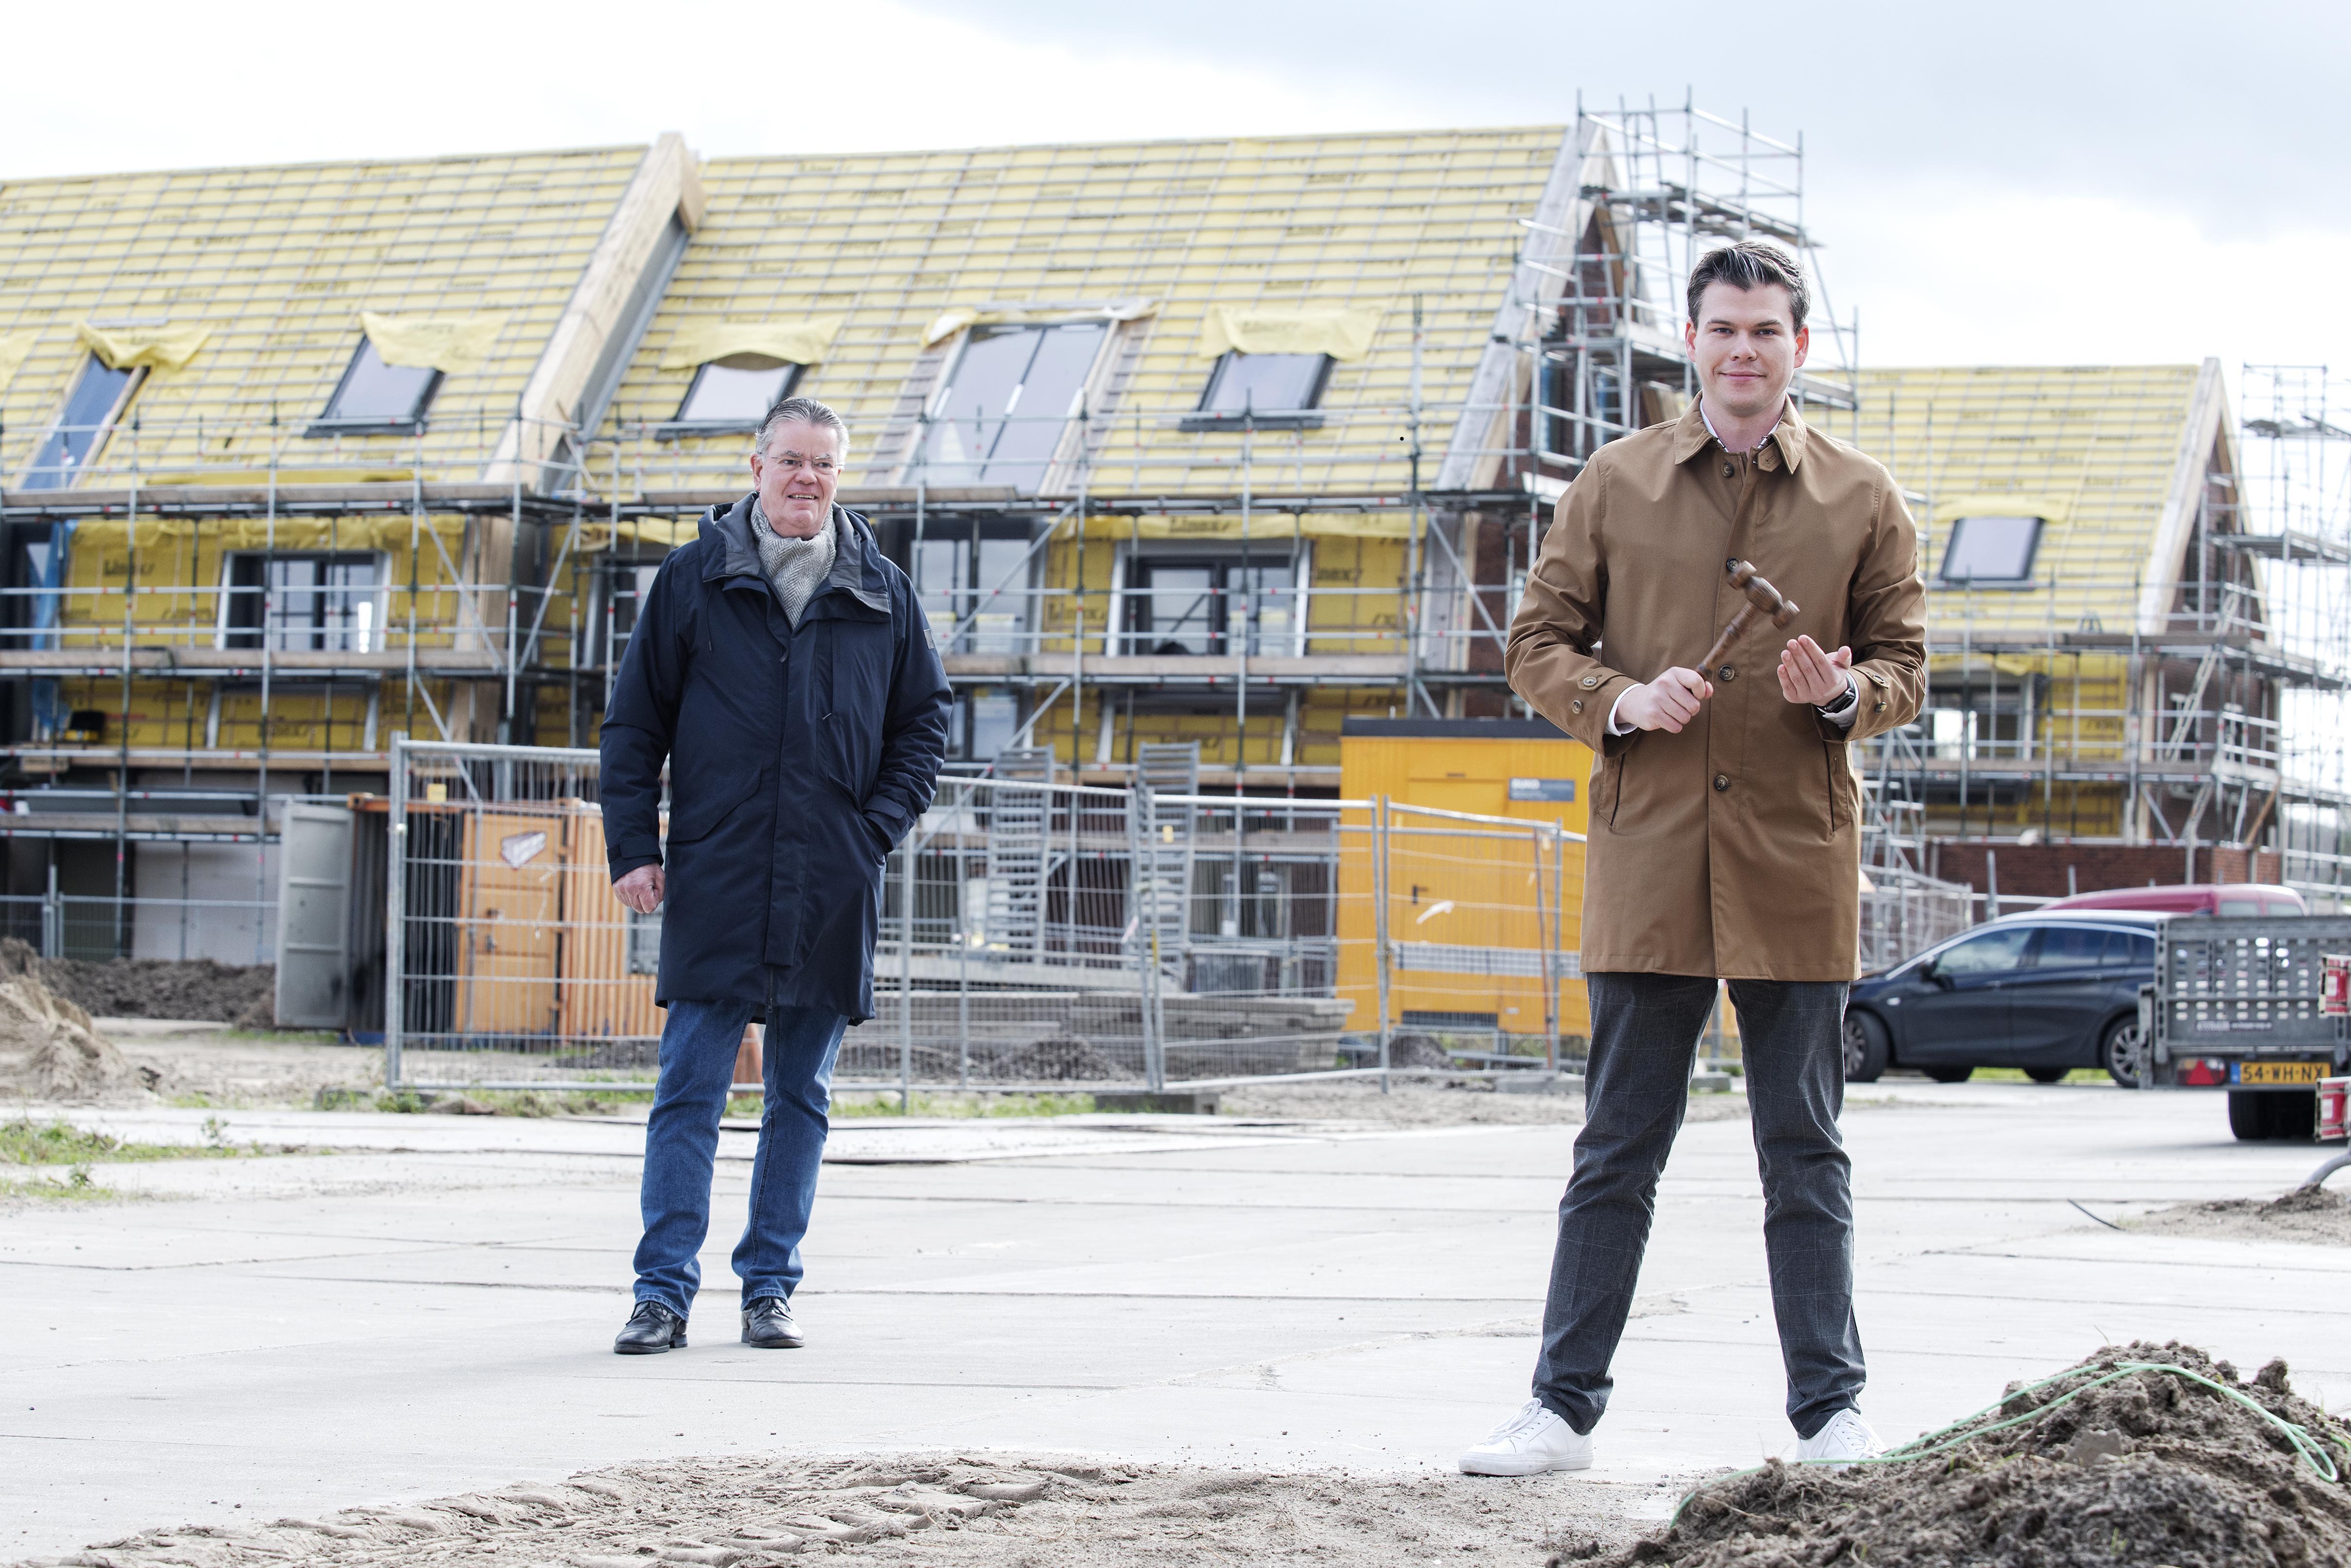 Kevin Benning (28) is de nieuwe fractievoorzitter van de Beverwijkse VVD-fractie. 'Hij moet alleen nog een beetje leren nuanceren'